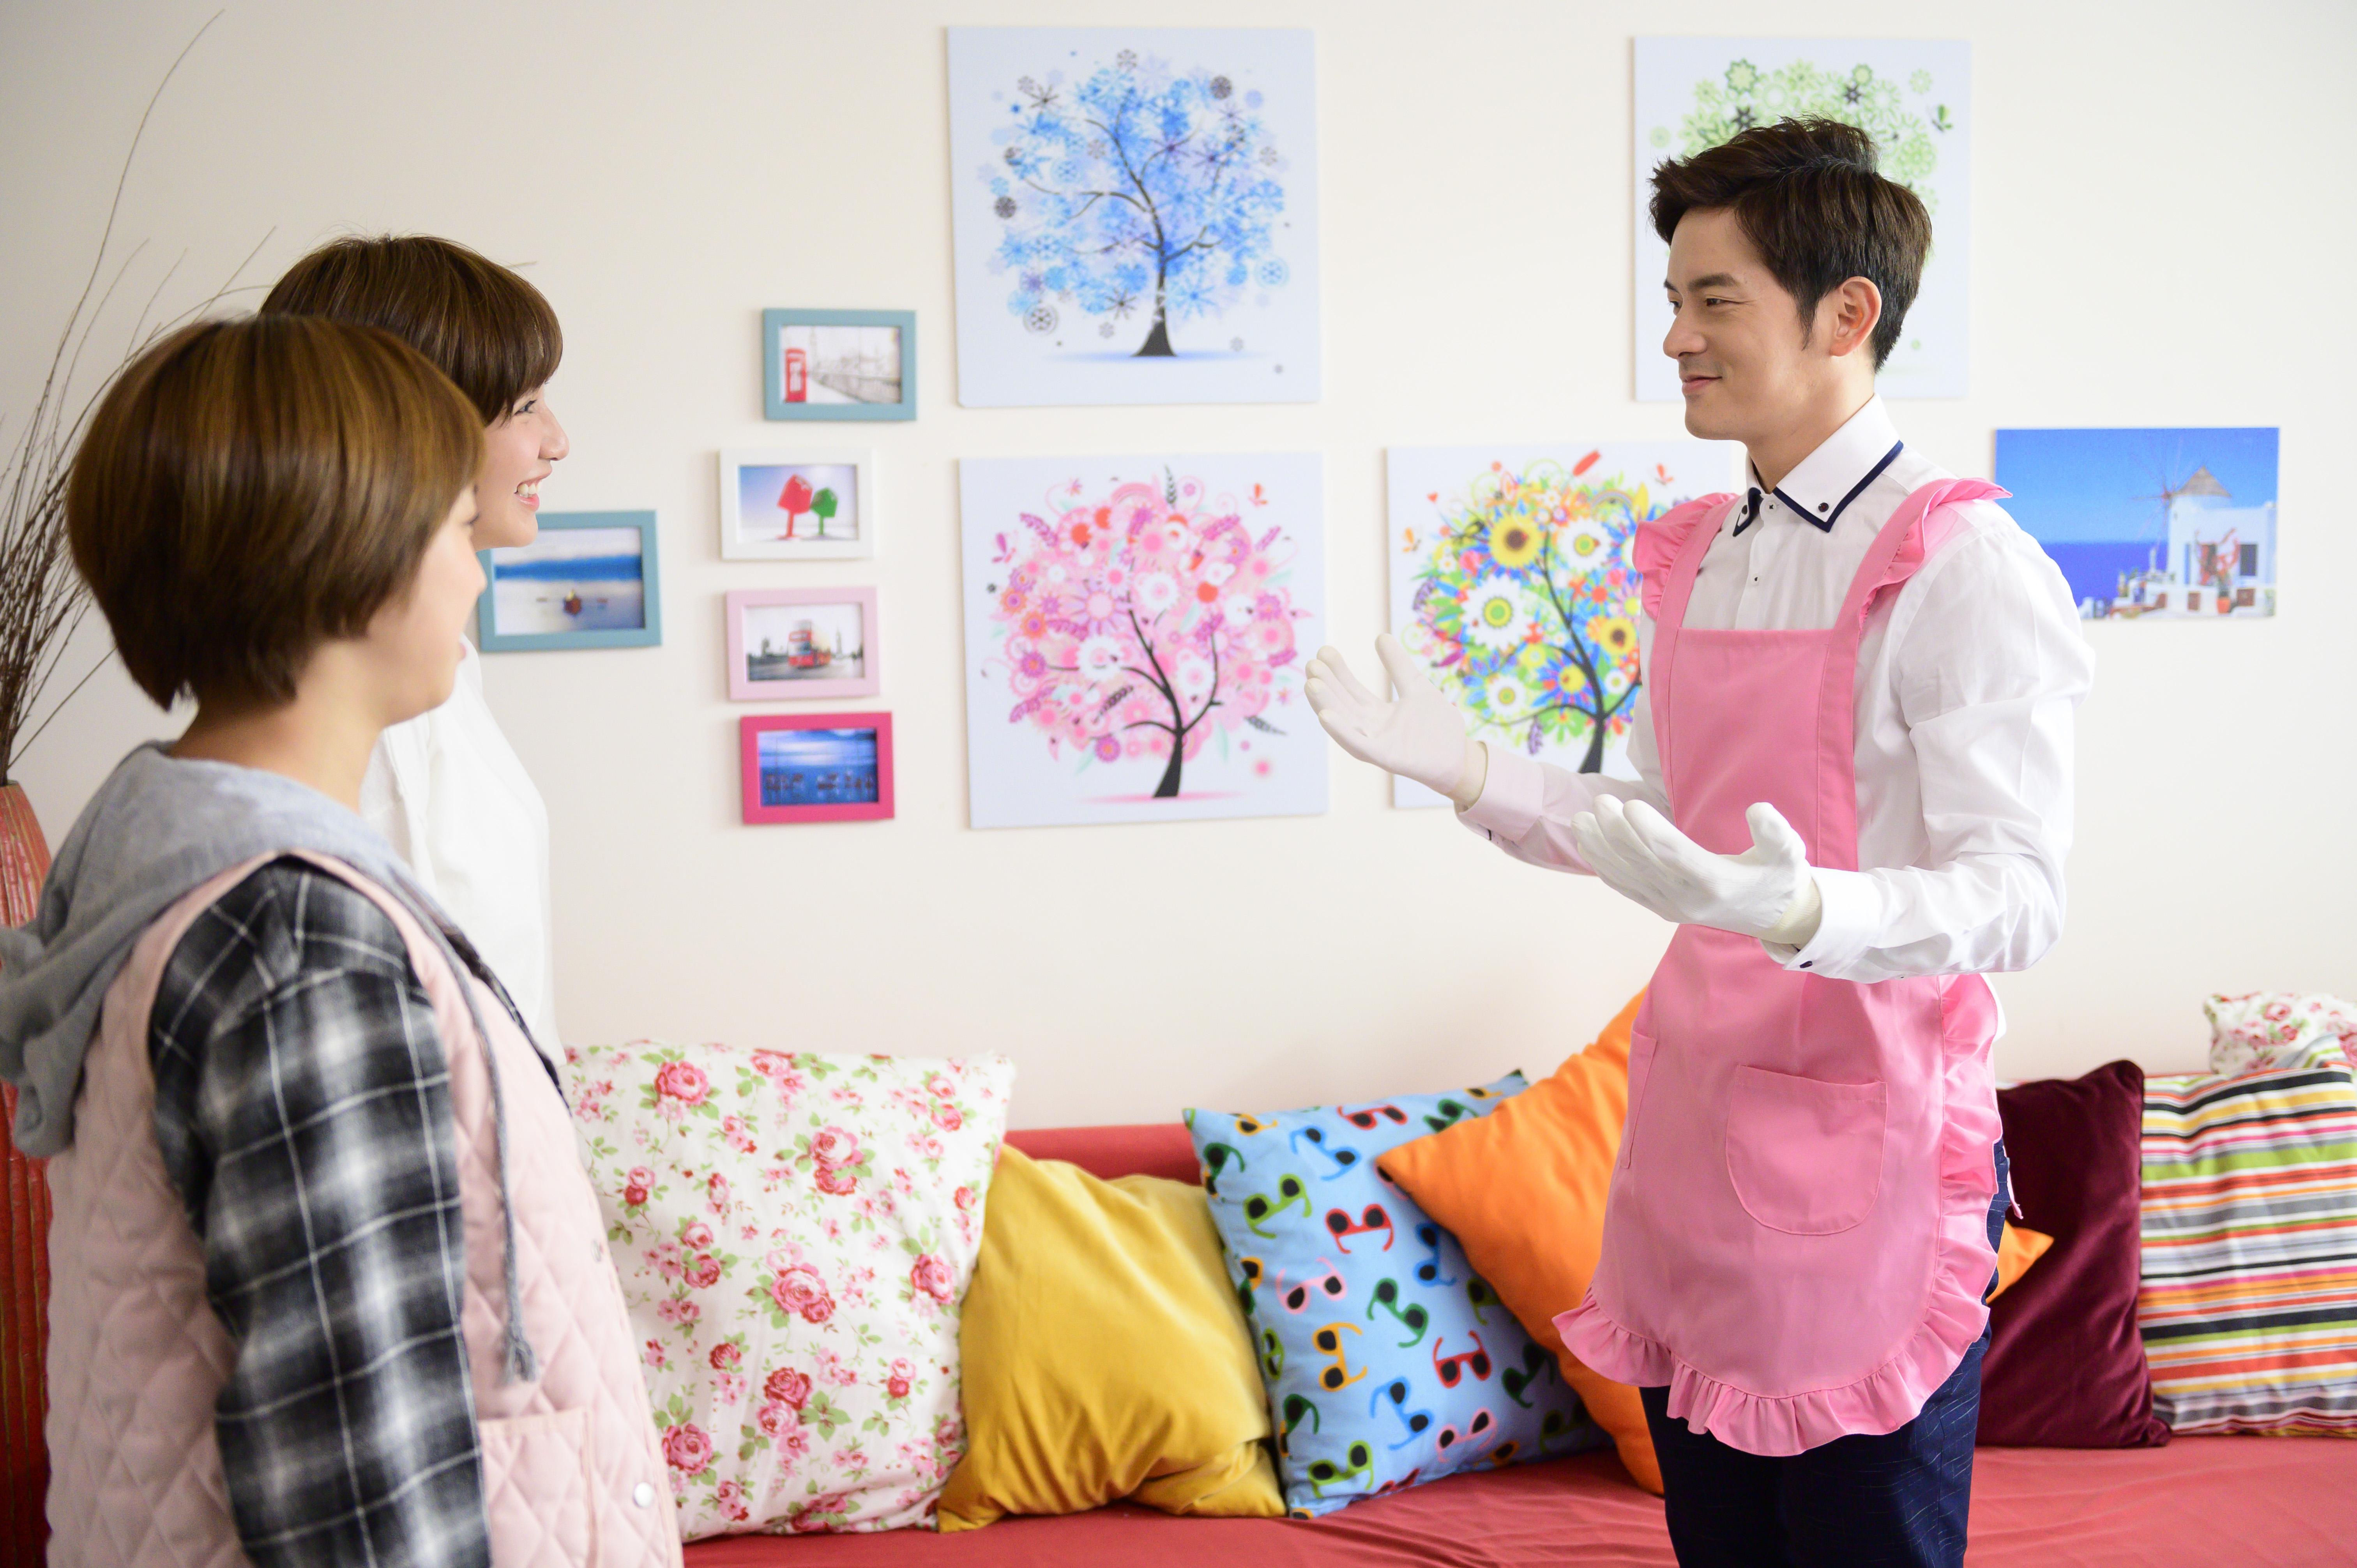 宥勝睽違三年回歸戲劇忙著幫別的女人整理內衣褲